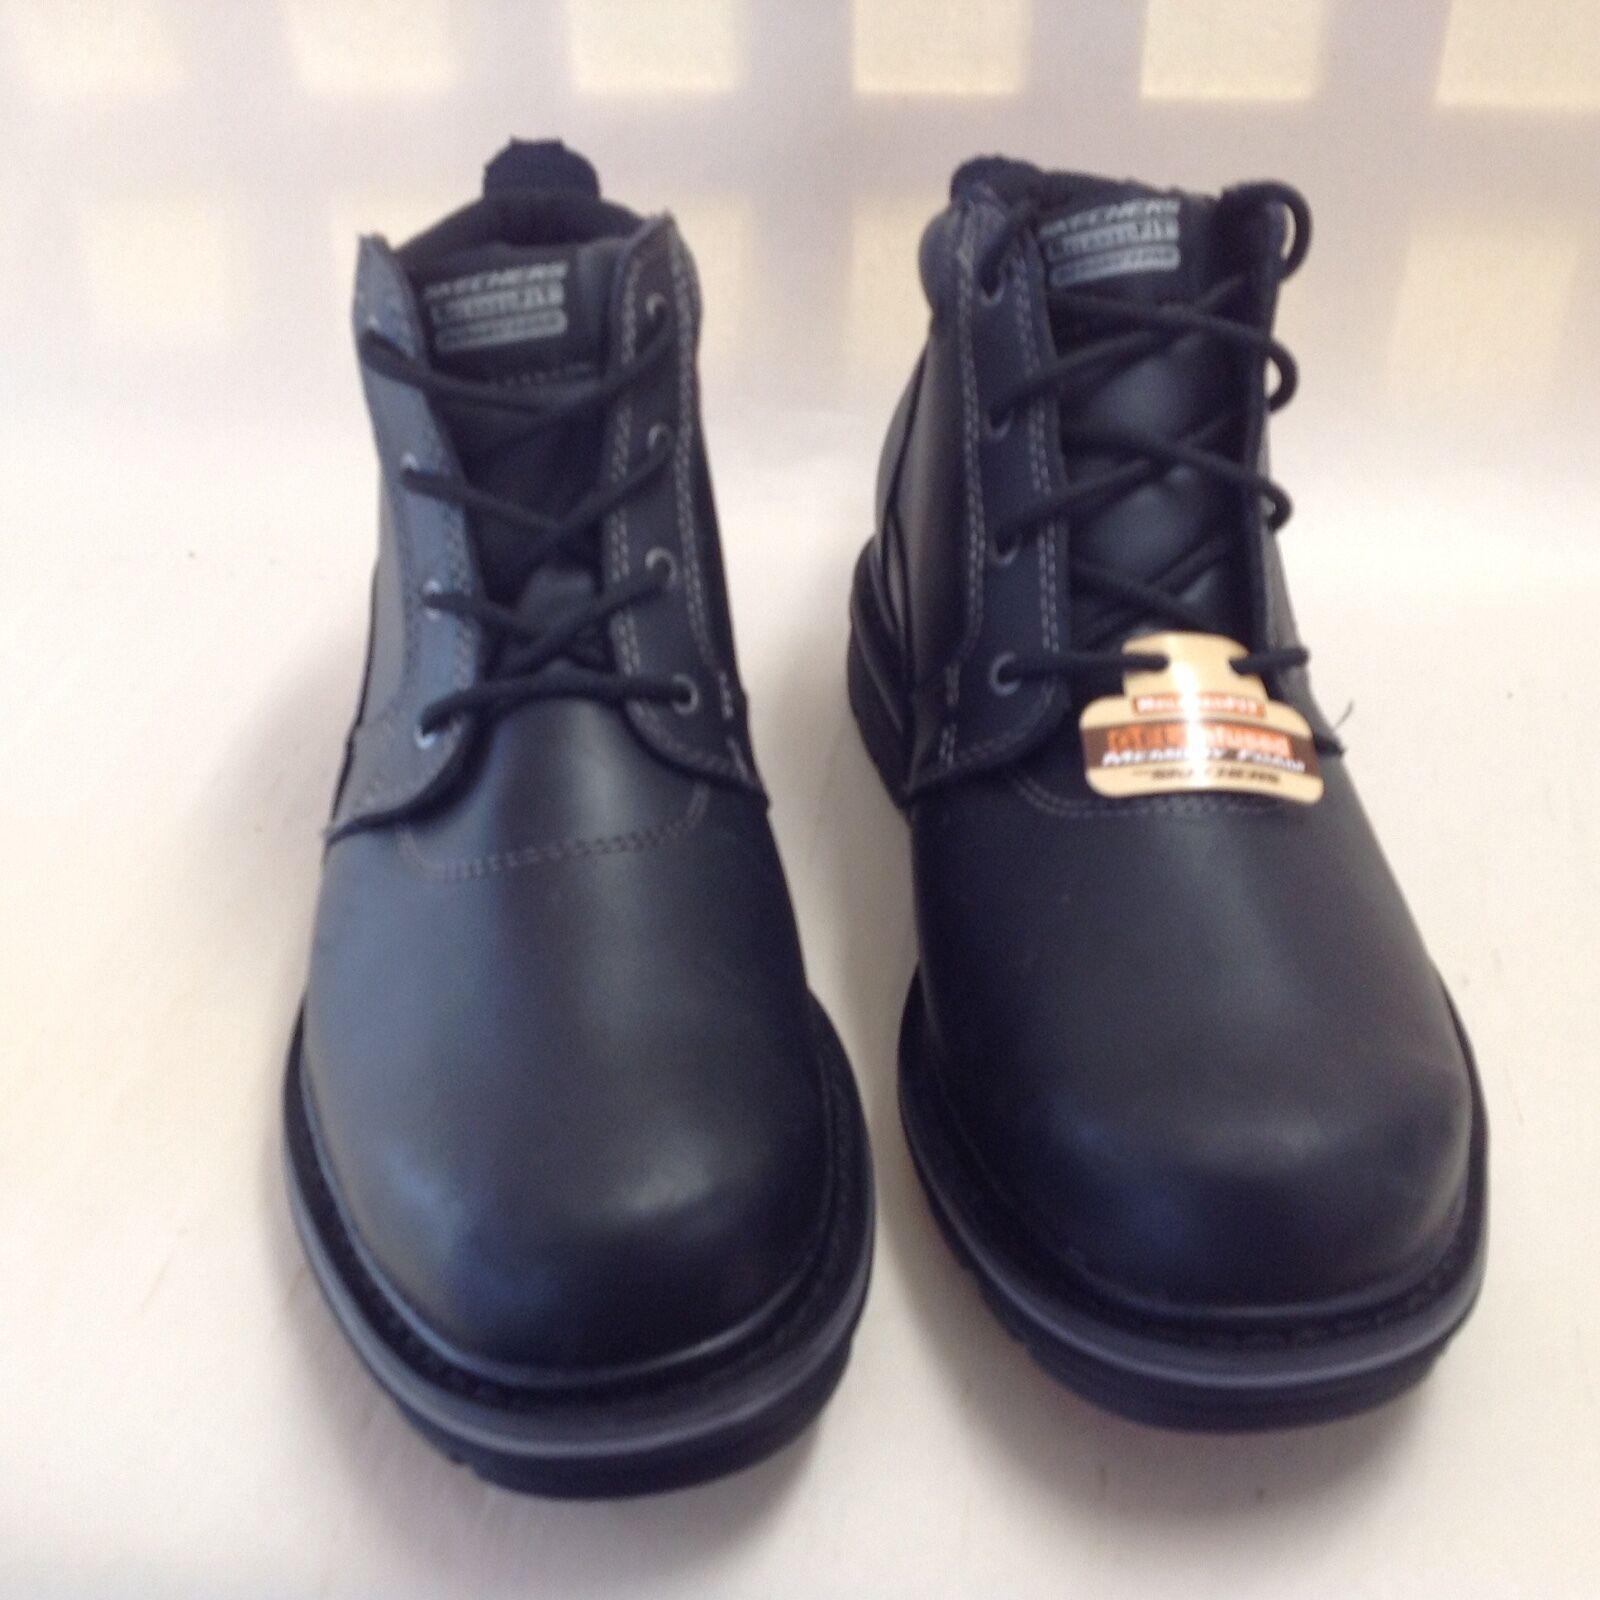 64320 SKECHERS Men's Marcelo-Oakdale Ankle Boots SZ 8 US Relaxed Fit Black